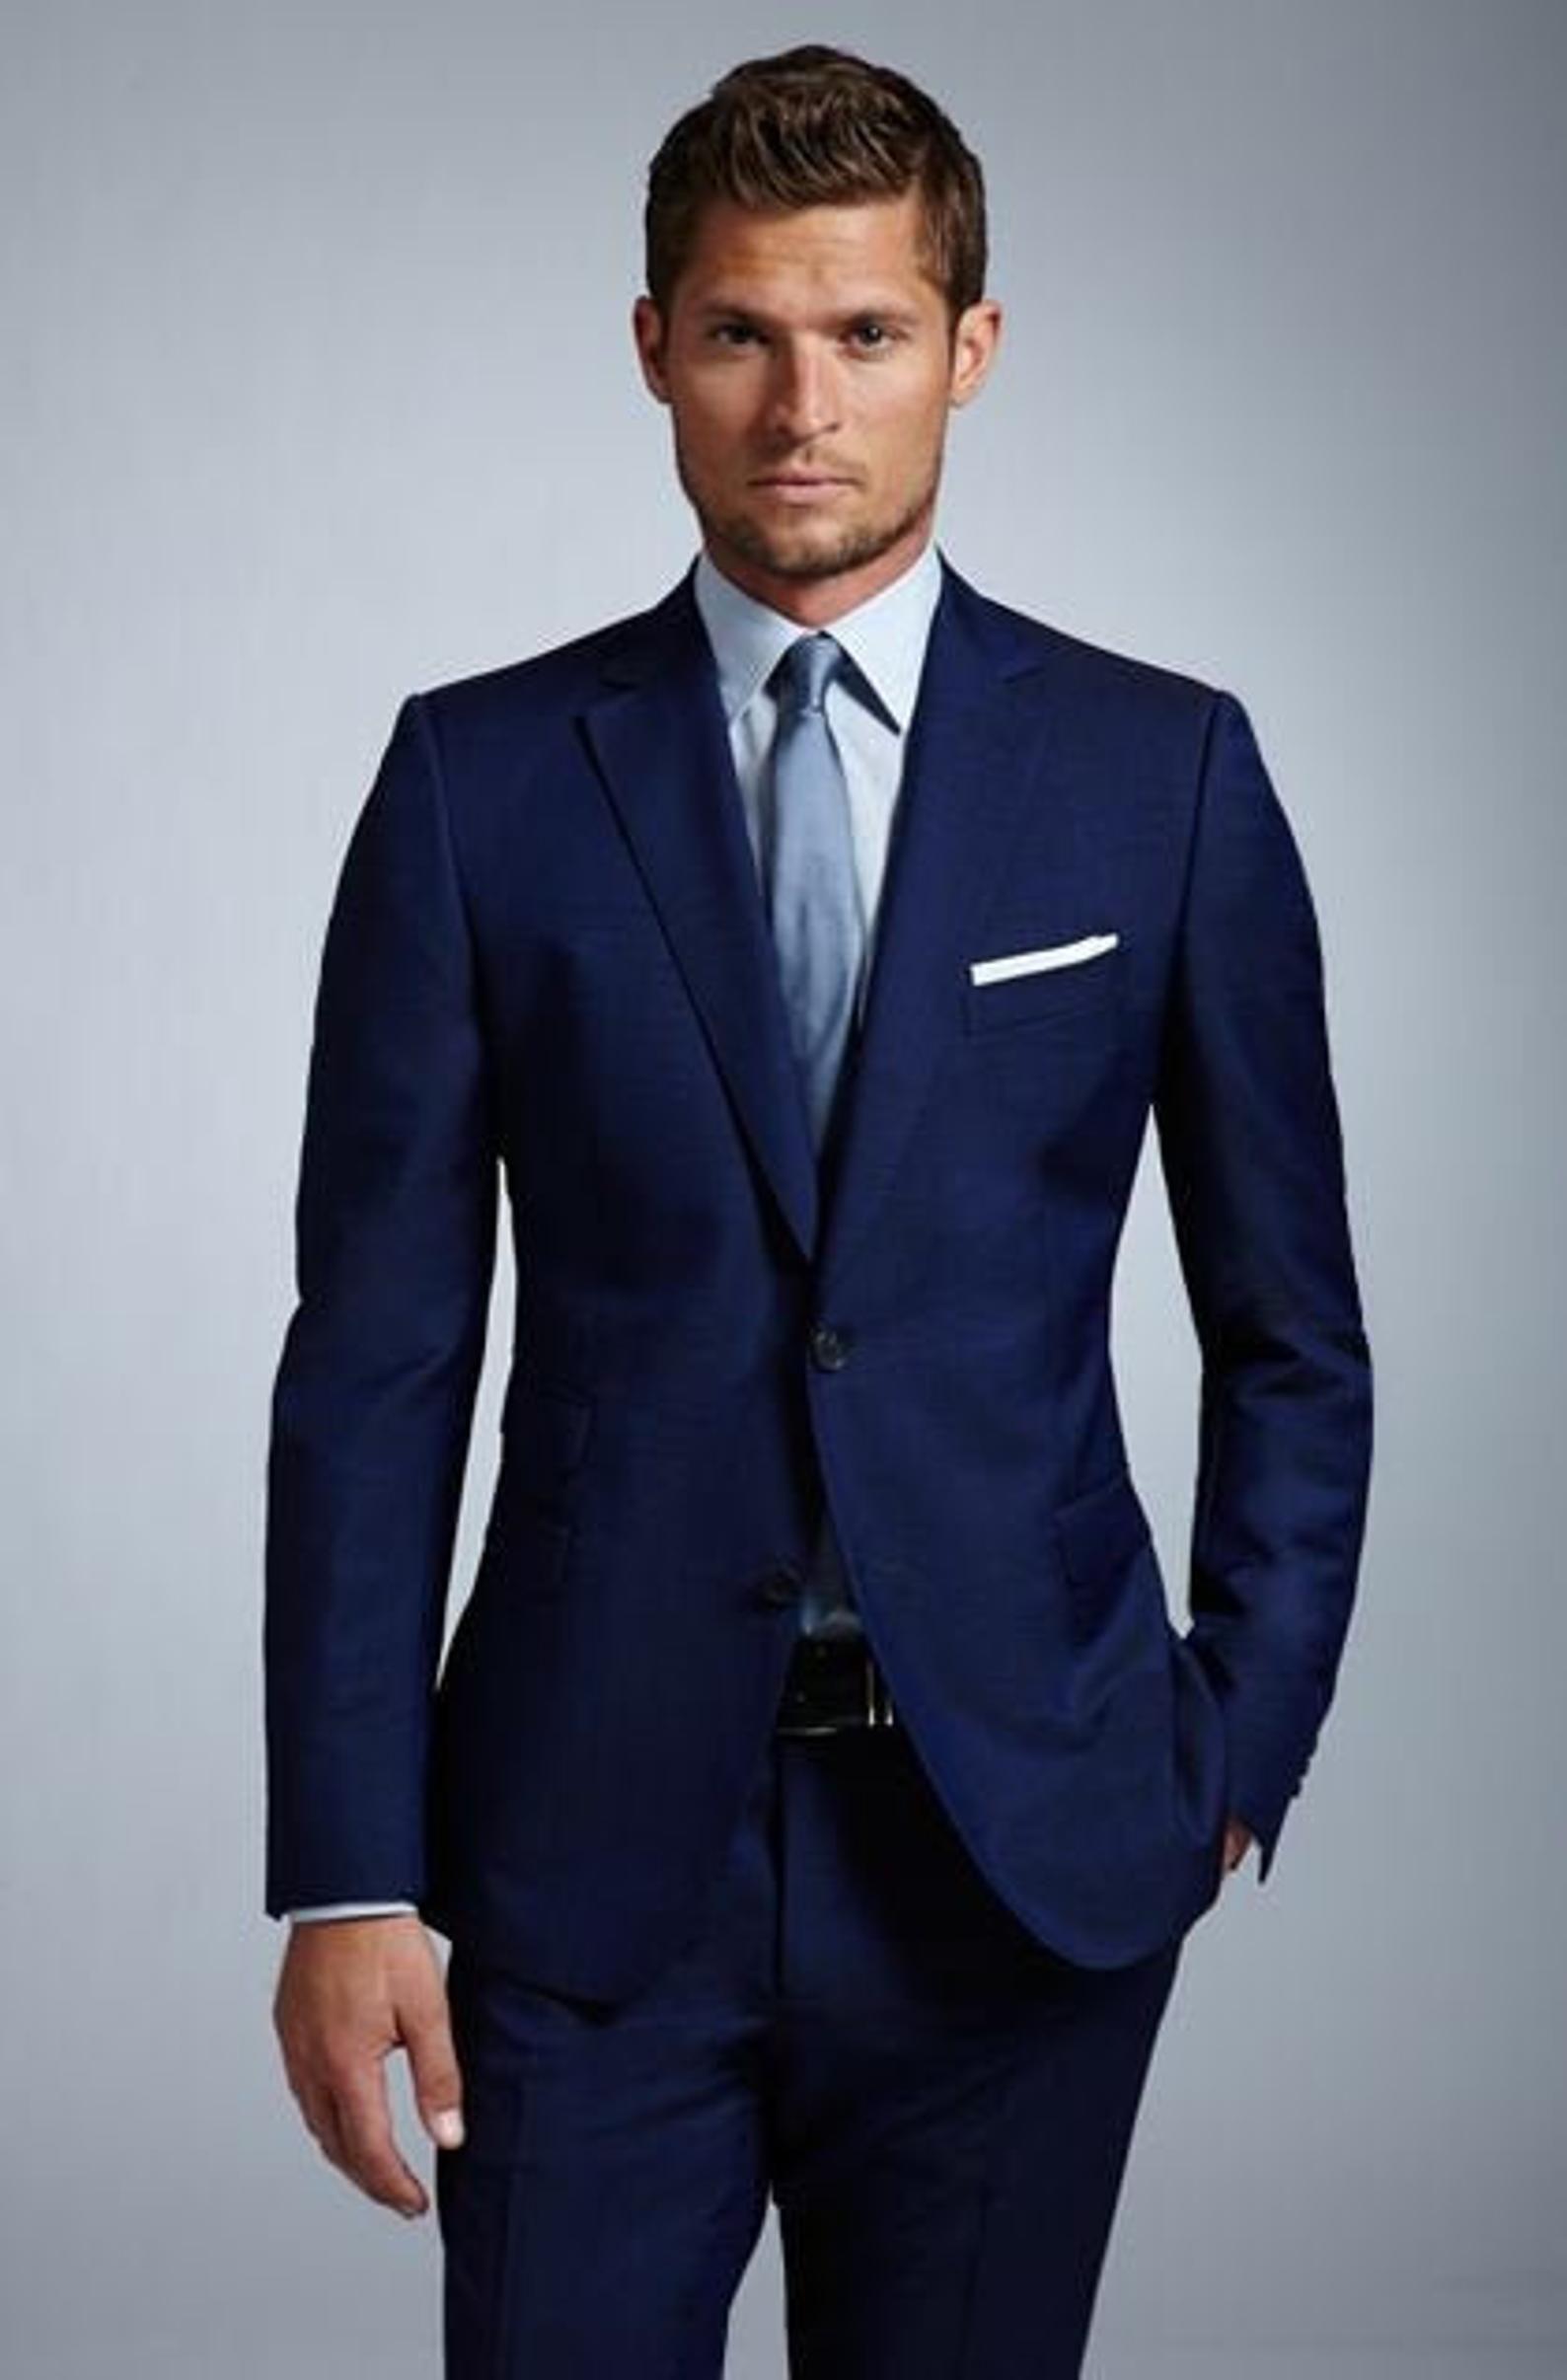 Men Suitsmen Blue Suit Prom Suits Formal Suits Shawl Lapel Etsy In 2021 Navy Blue Suit Looks Wedding Suits Men Light Blue Dress Shirt